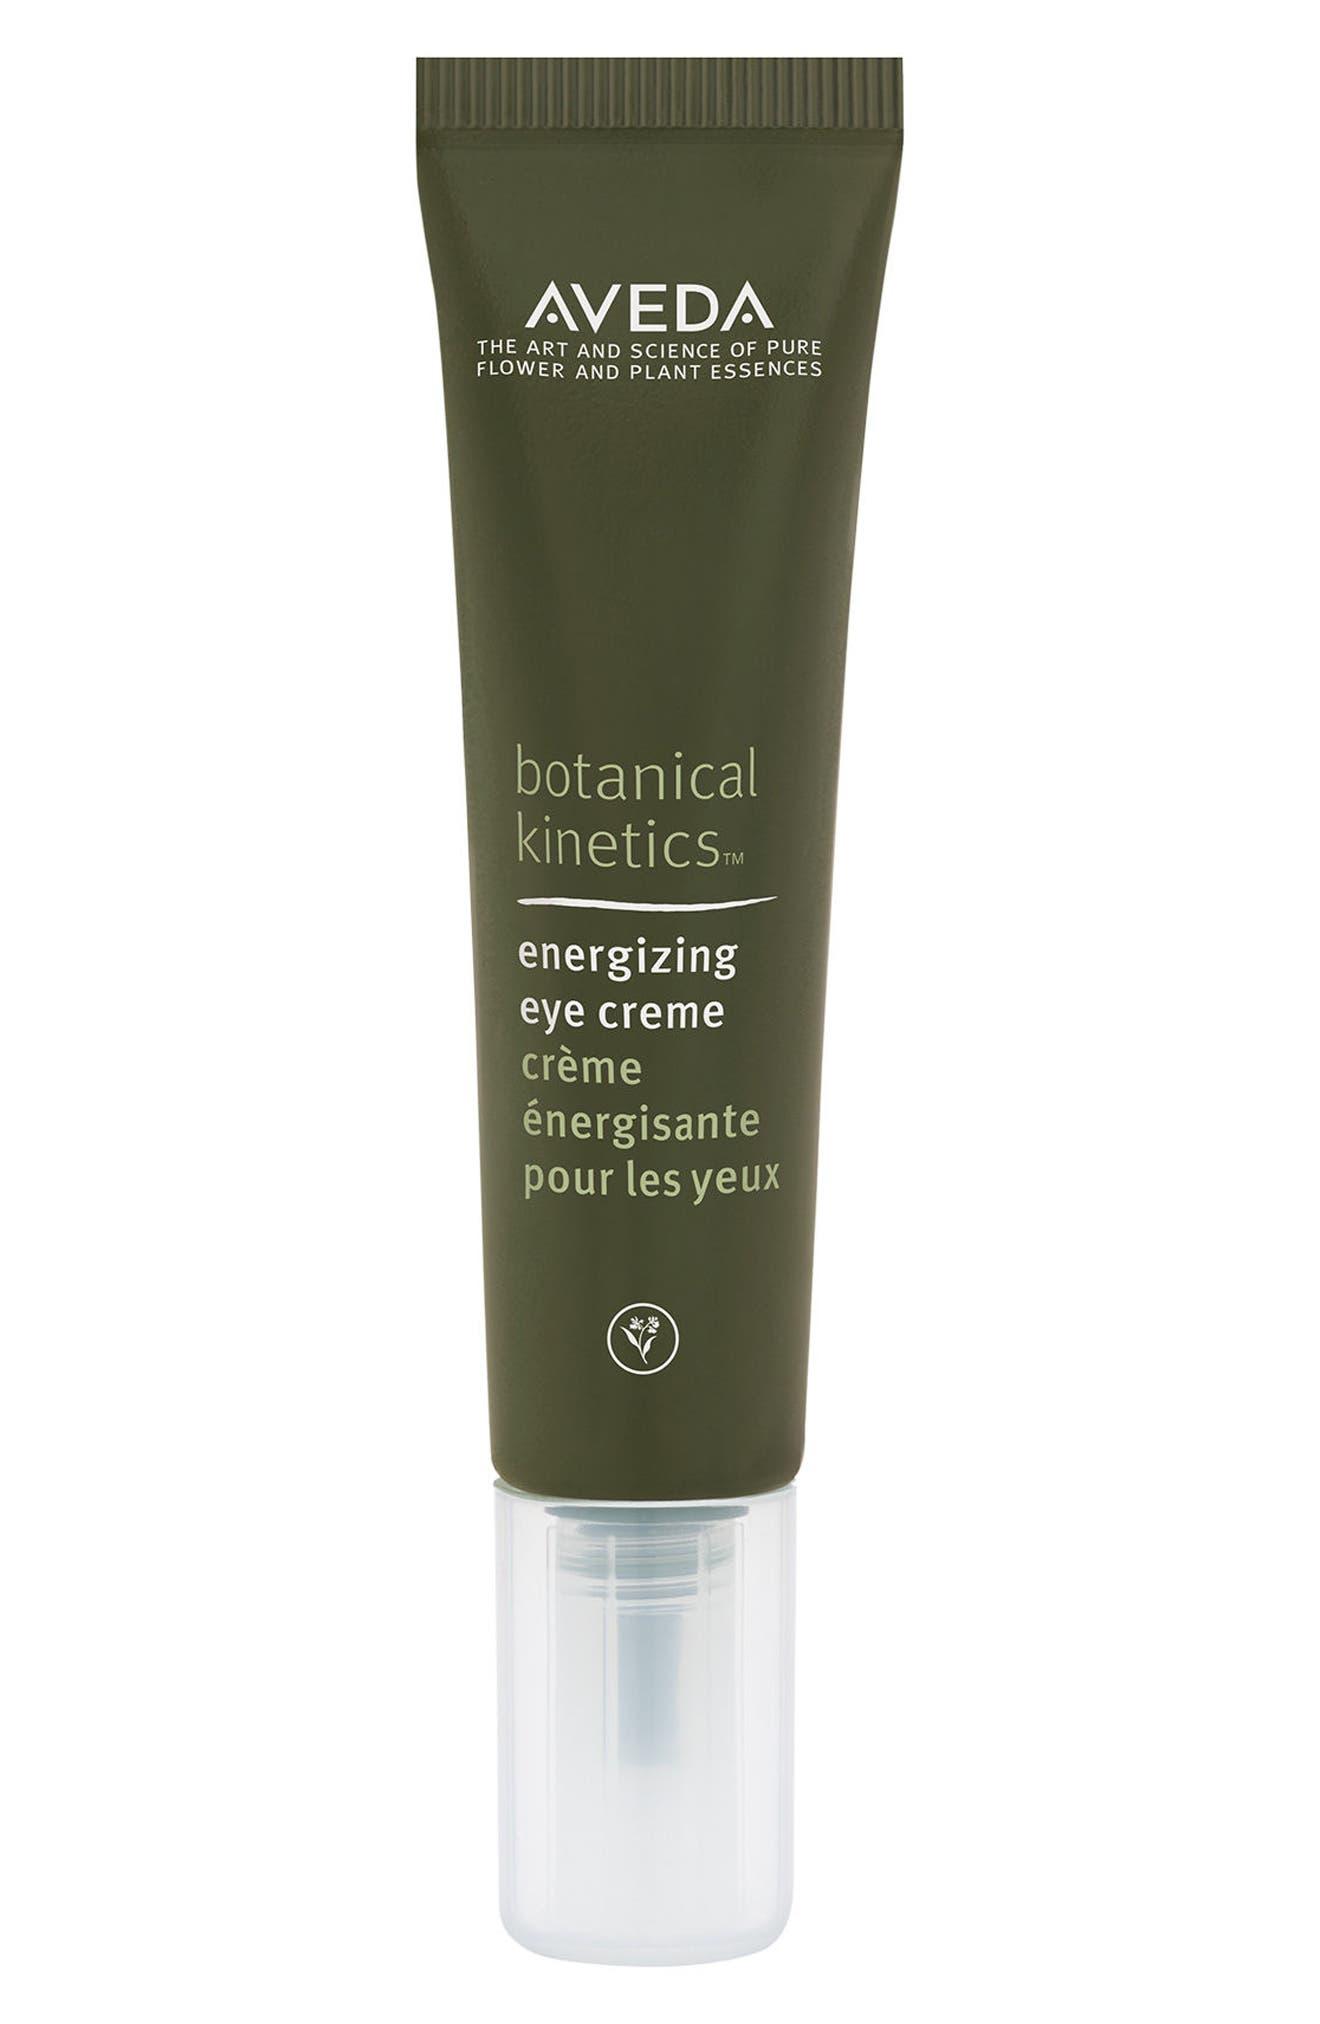 Aveda 'botanical kinetics™' Energizing Eye Crème